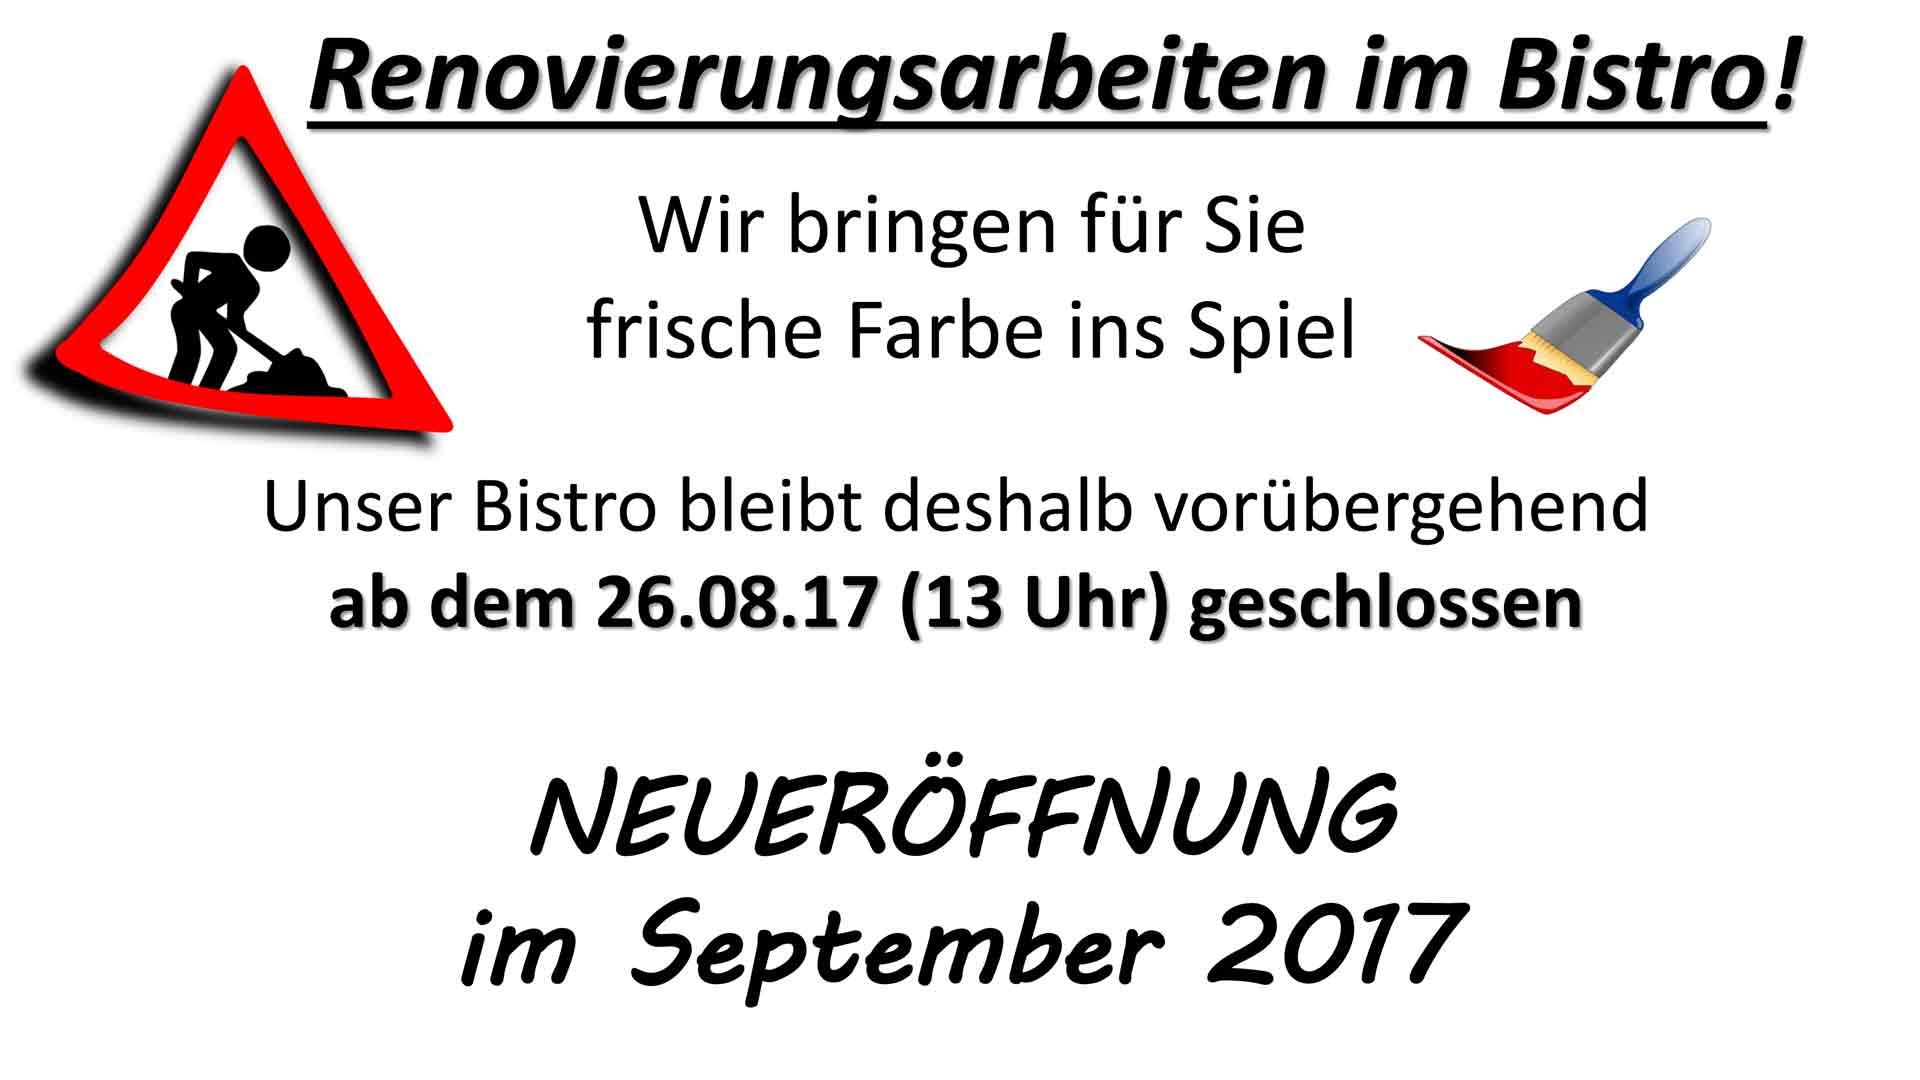 Bistro Renovierung Möbelhof Adersheim Möbelhof Adersheim